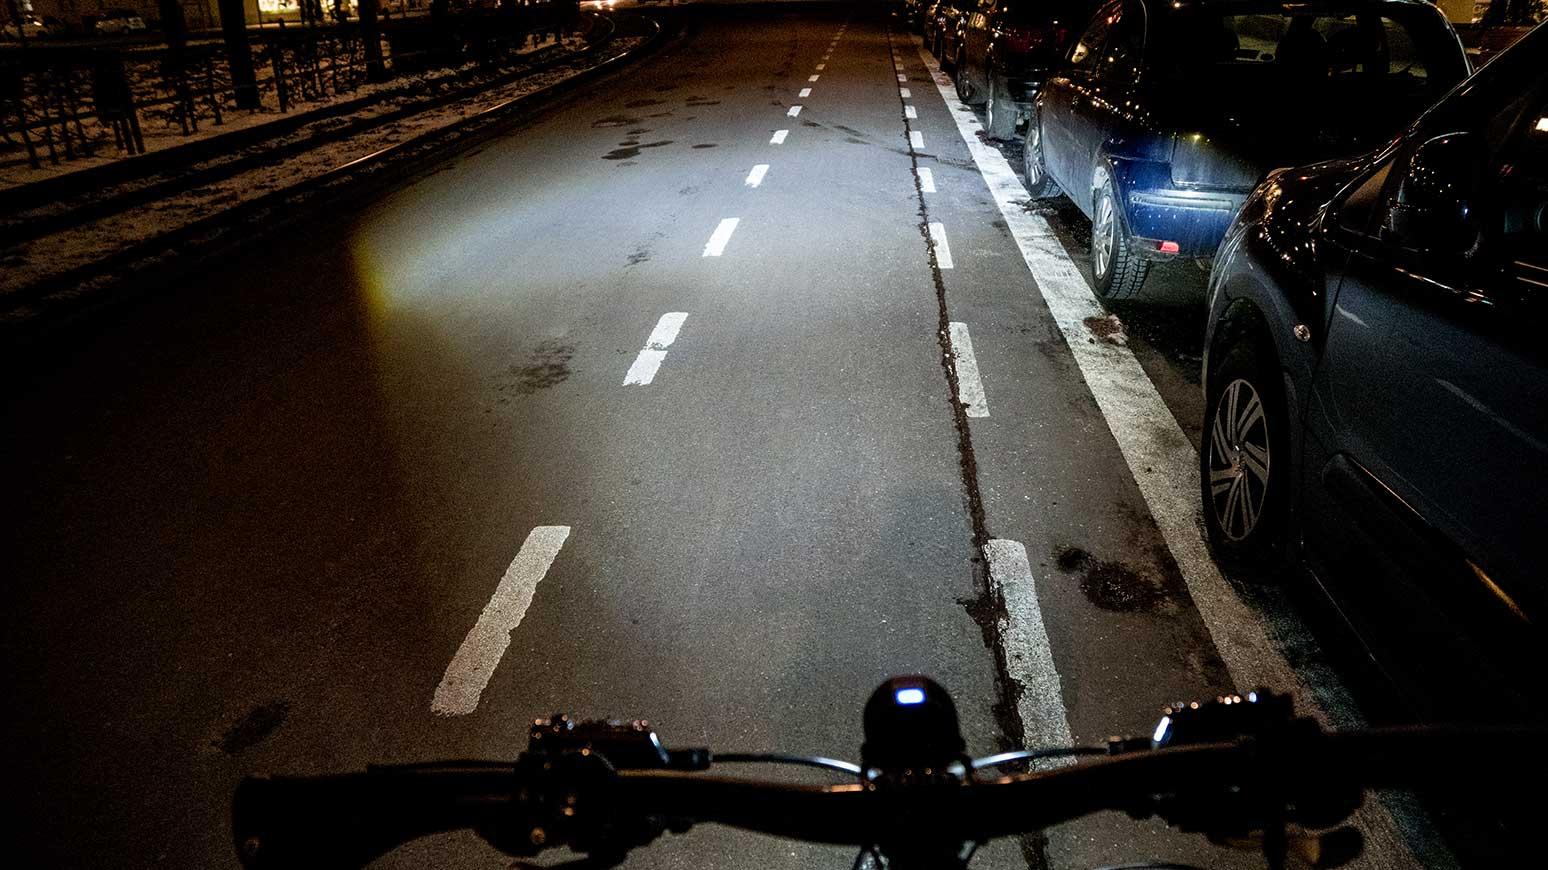 Der symmetrische Lichtkegel der Lupine SL ist nach allen Richtungen sauber abgegrenzt und leuchtet einen weiten Bereich der gesamten Fahrbahnbreite aus.